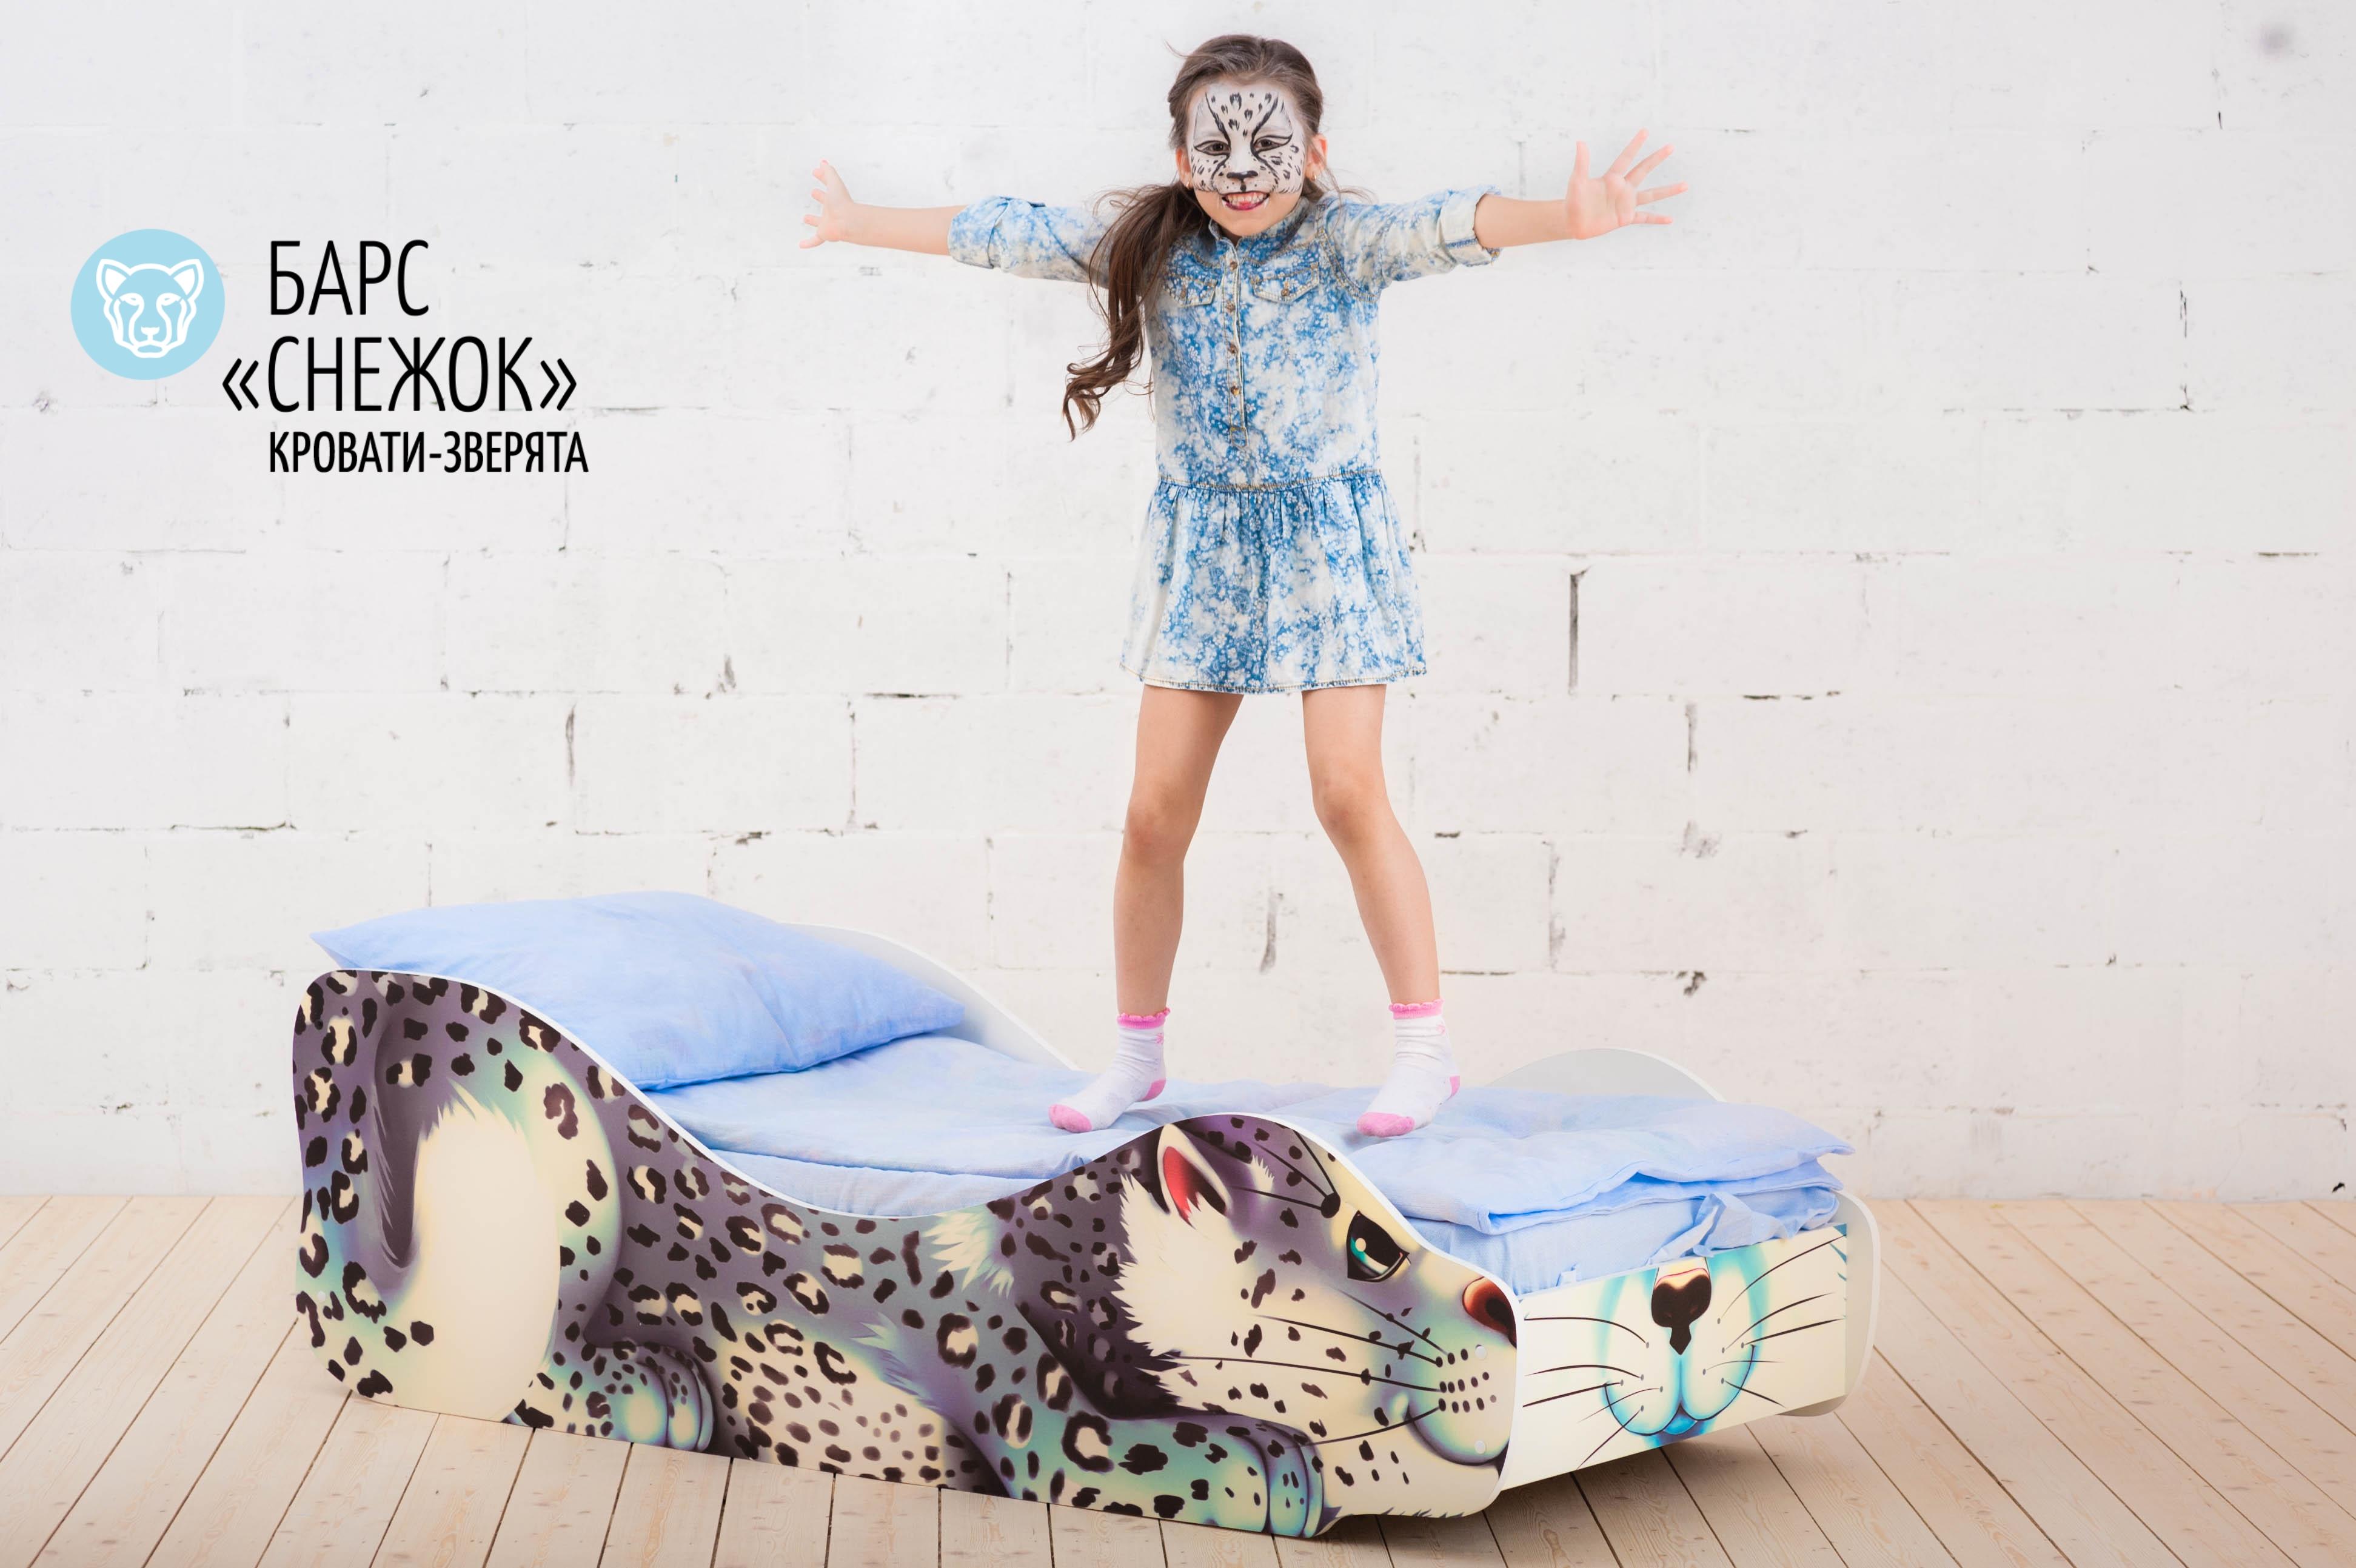 Детская кровать-зверенок -Барс-Снежок-7